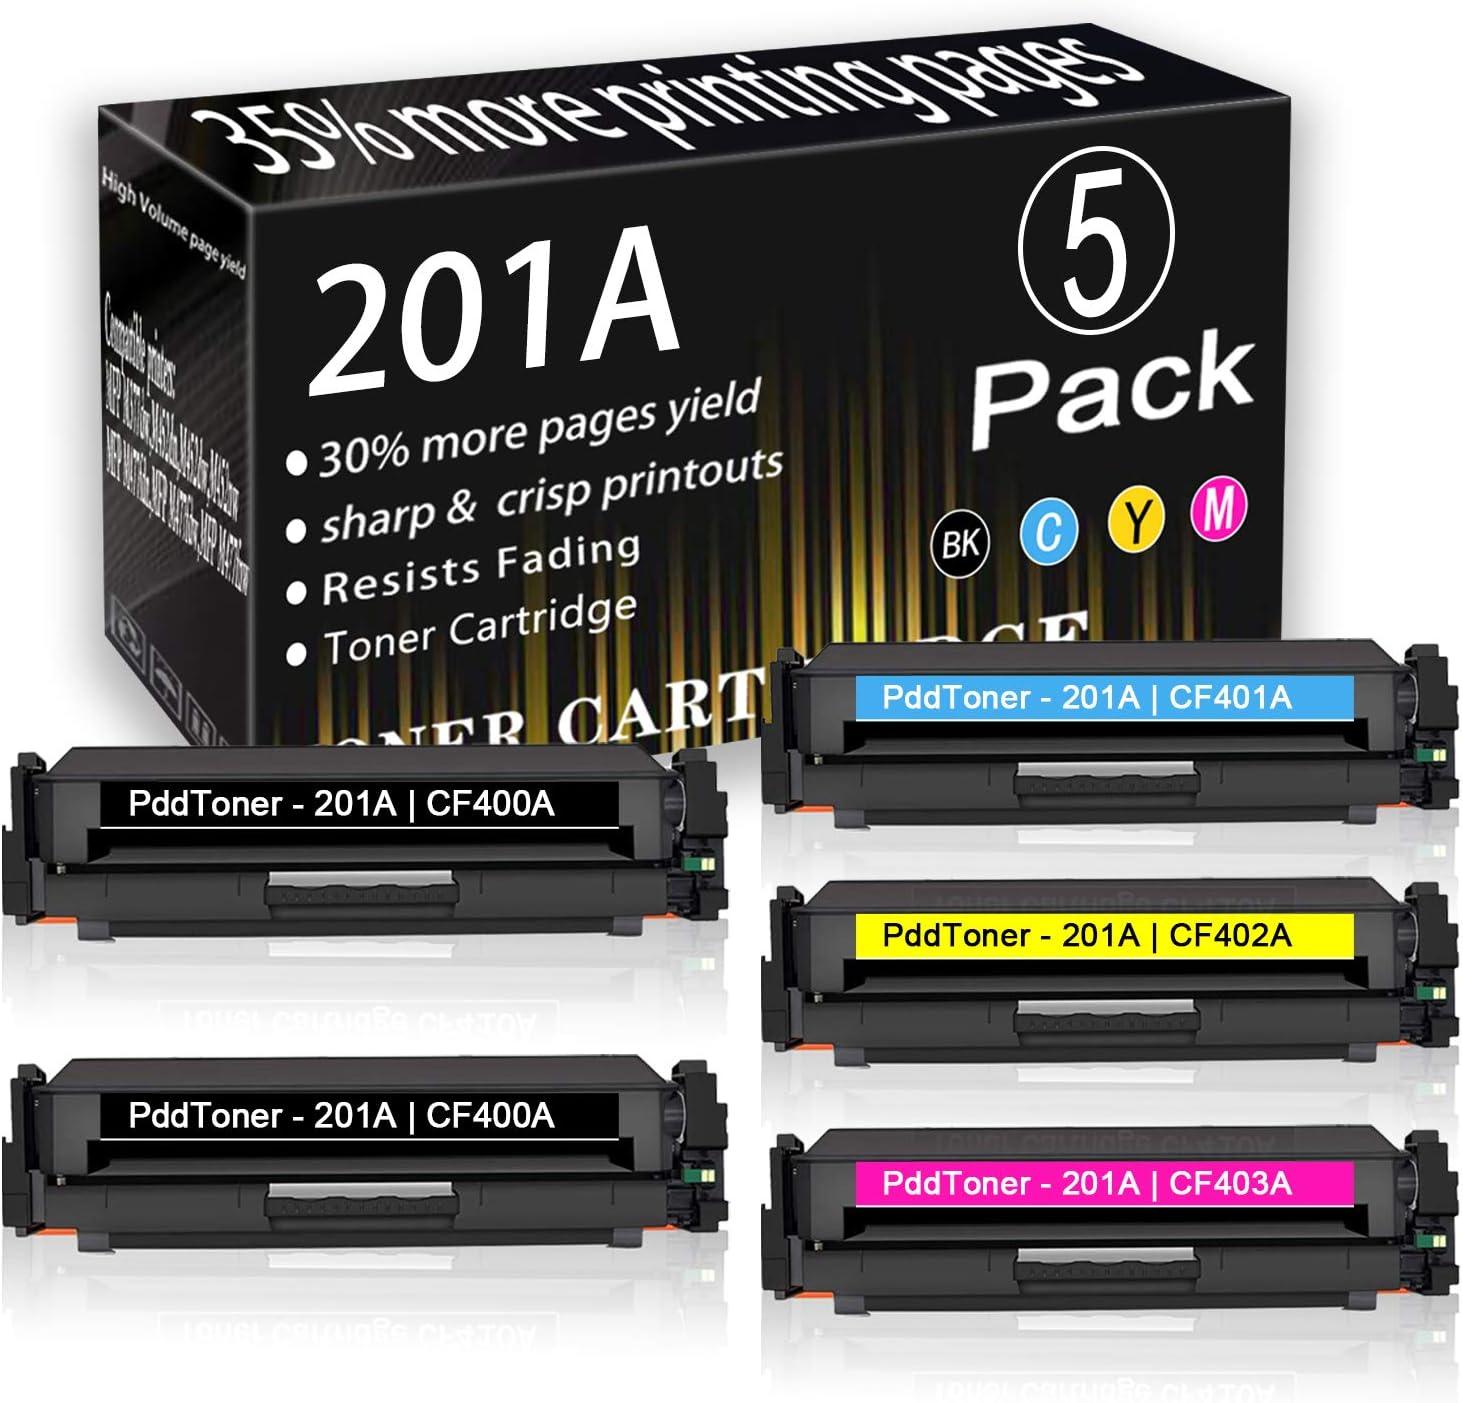 2BK+1C+1Y+1M 5-Pack 201A CF400A CF401A CF402A CF403A Toner Cartridge Replacement for HP Laserjet Pro Laserjet Pro M252dw M252n MFP M277n MFP M277dw MFP M277c6 MFP M274n Toner Cartridge,by PddTon